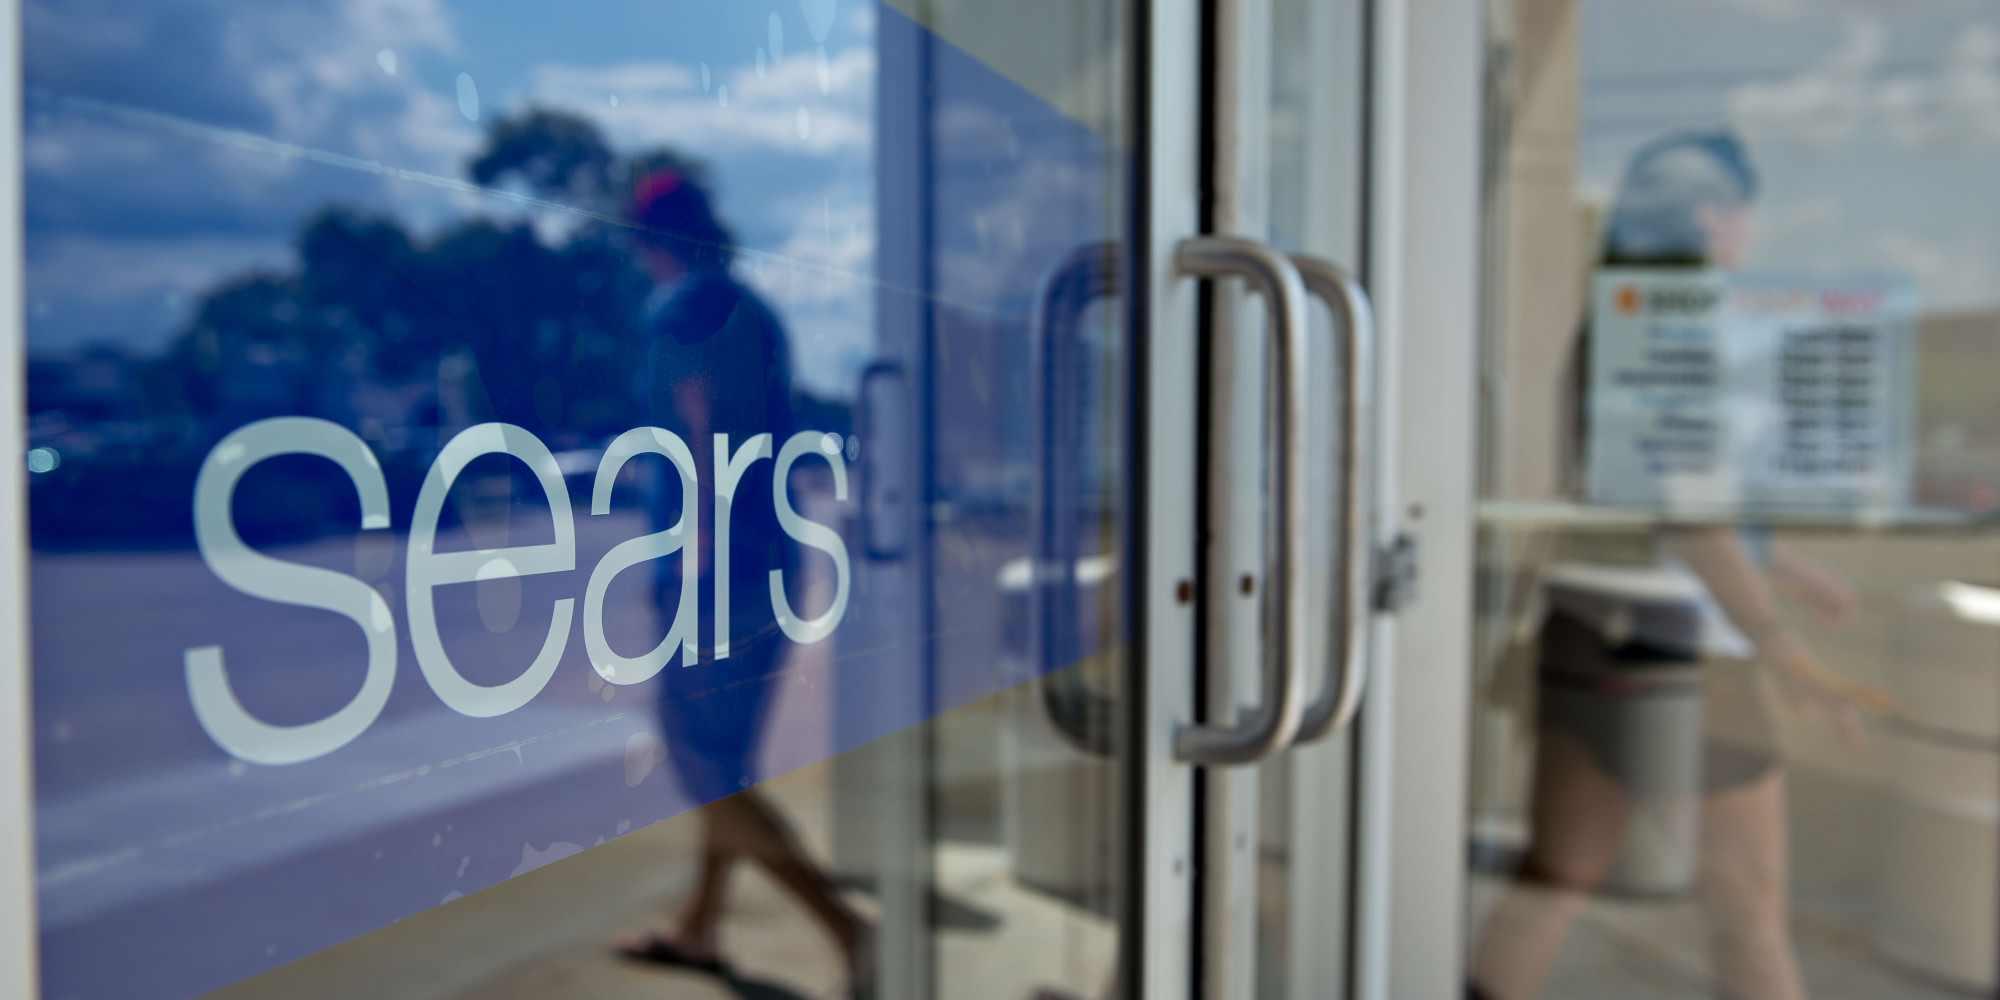 sears store - sears feedback survey